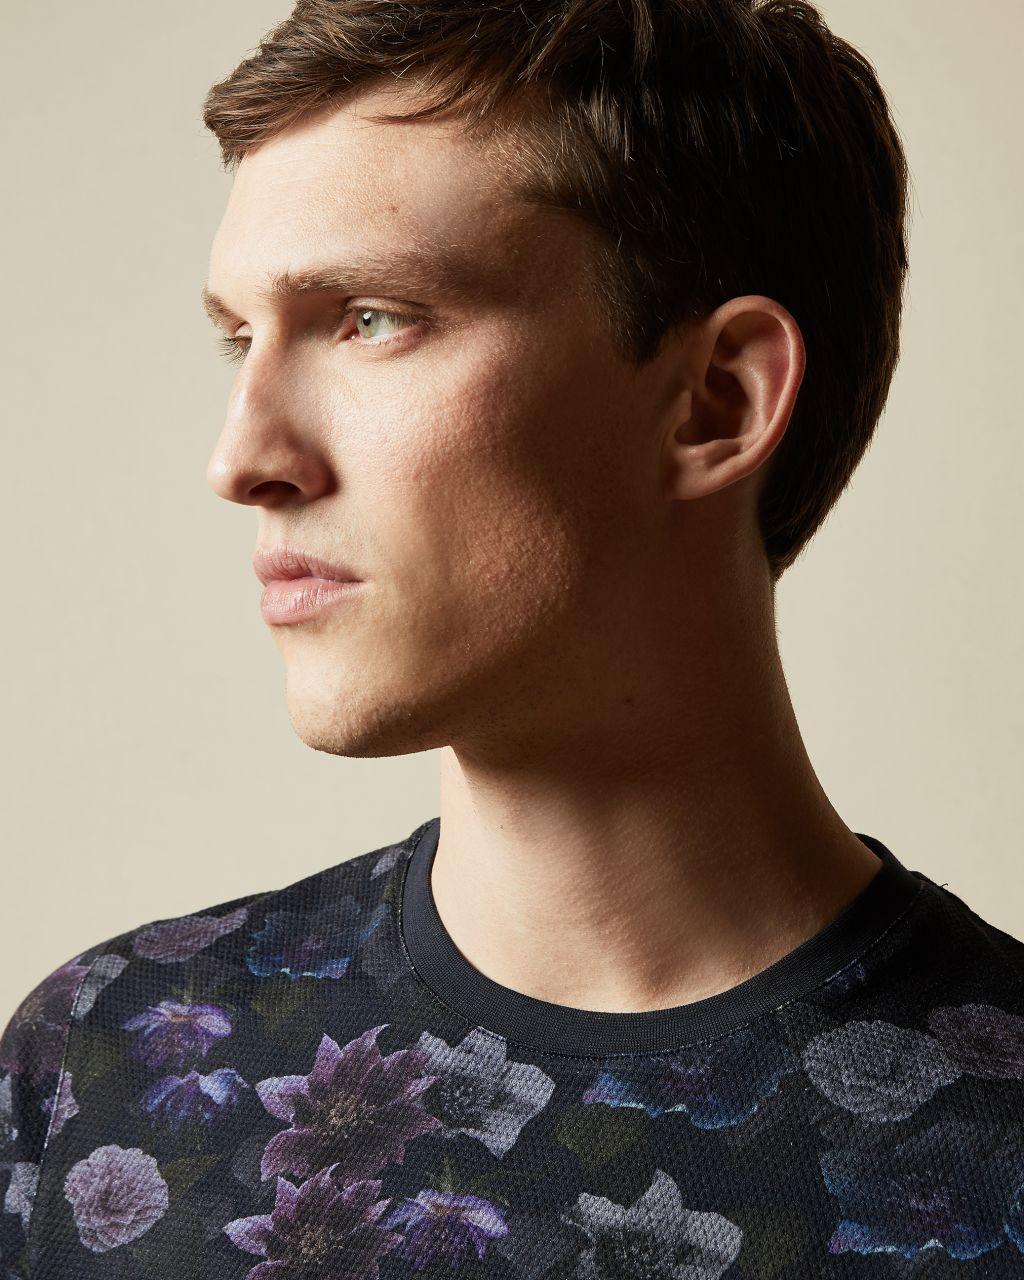 Artikel klicken und genauer betrachten! - Im Frühjahr trägt man(n) Blumen, weshalb das abstrakte ZOOM T-Shirt von Ted die perfekte Wahl für das Wochenende ist. Das Modell aus weicher Baumwolle ergibt in Kombination mit Jeans einen coolen, legeren Look. - Ted Baker Herrenkollektion - Baumwolle - Blumenprint - Kurze Ärmel - Rundhalsausschnitt - Ted Baker-Logo - Das Model ist 1,87 m groß und trägt die Größe 3 von Ted | im Online Shop kaufen